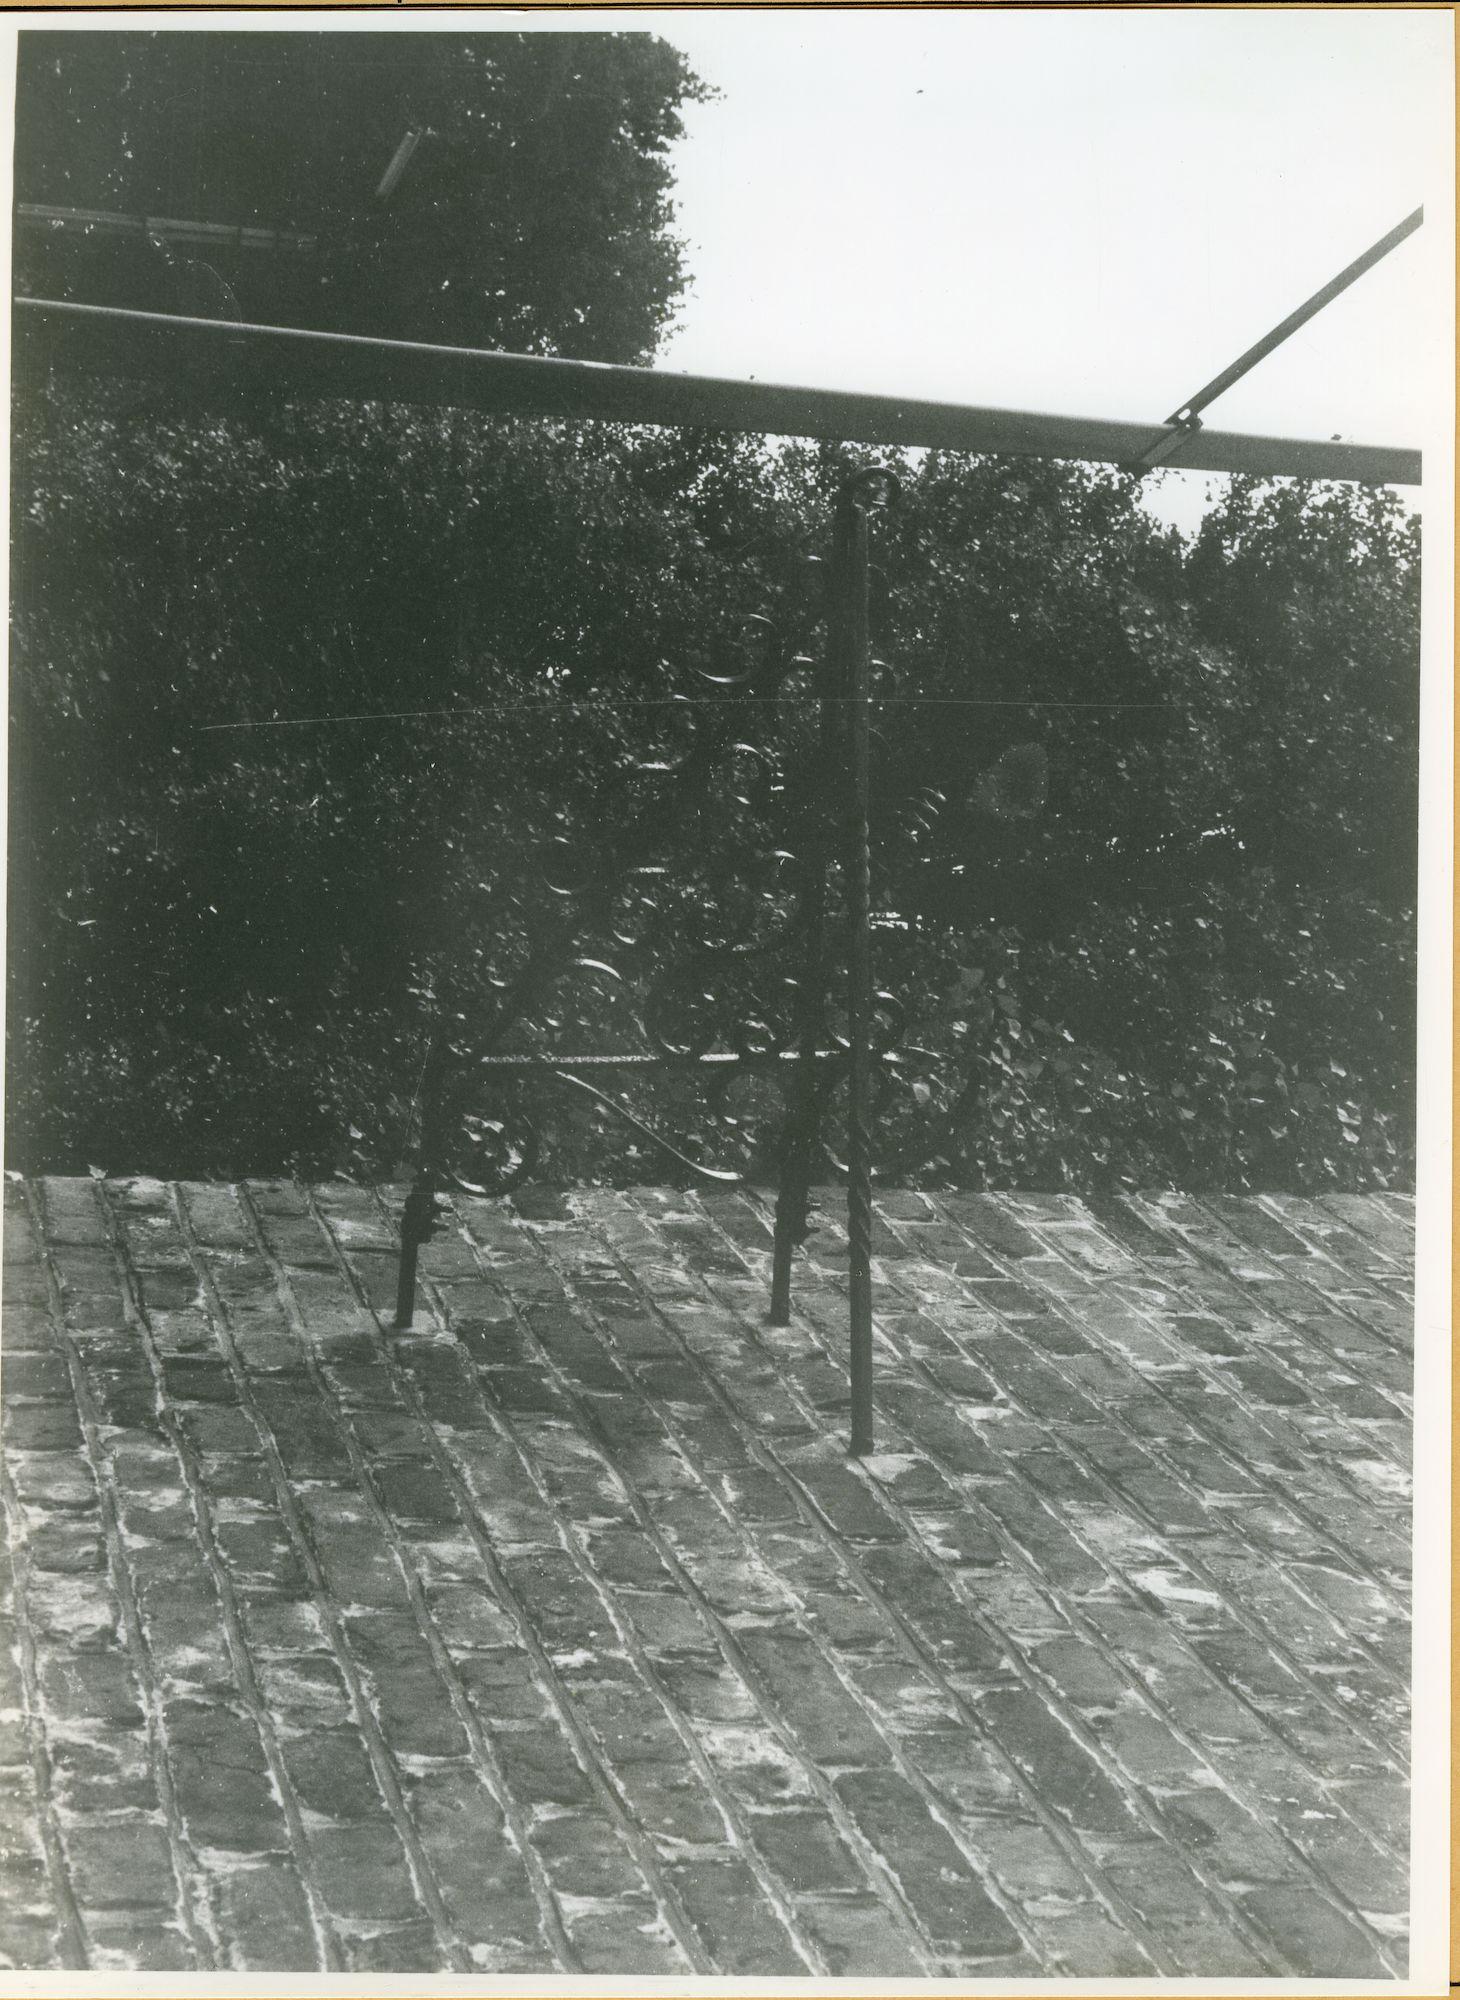 Wondelgem: Woestijnegoedlaan 5: Galg, 1979